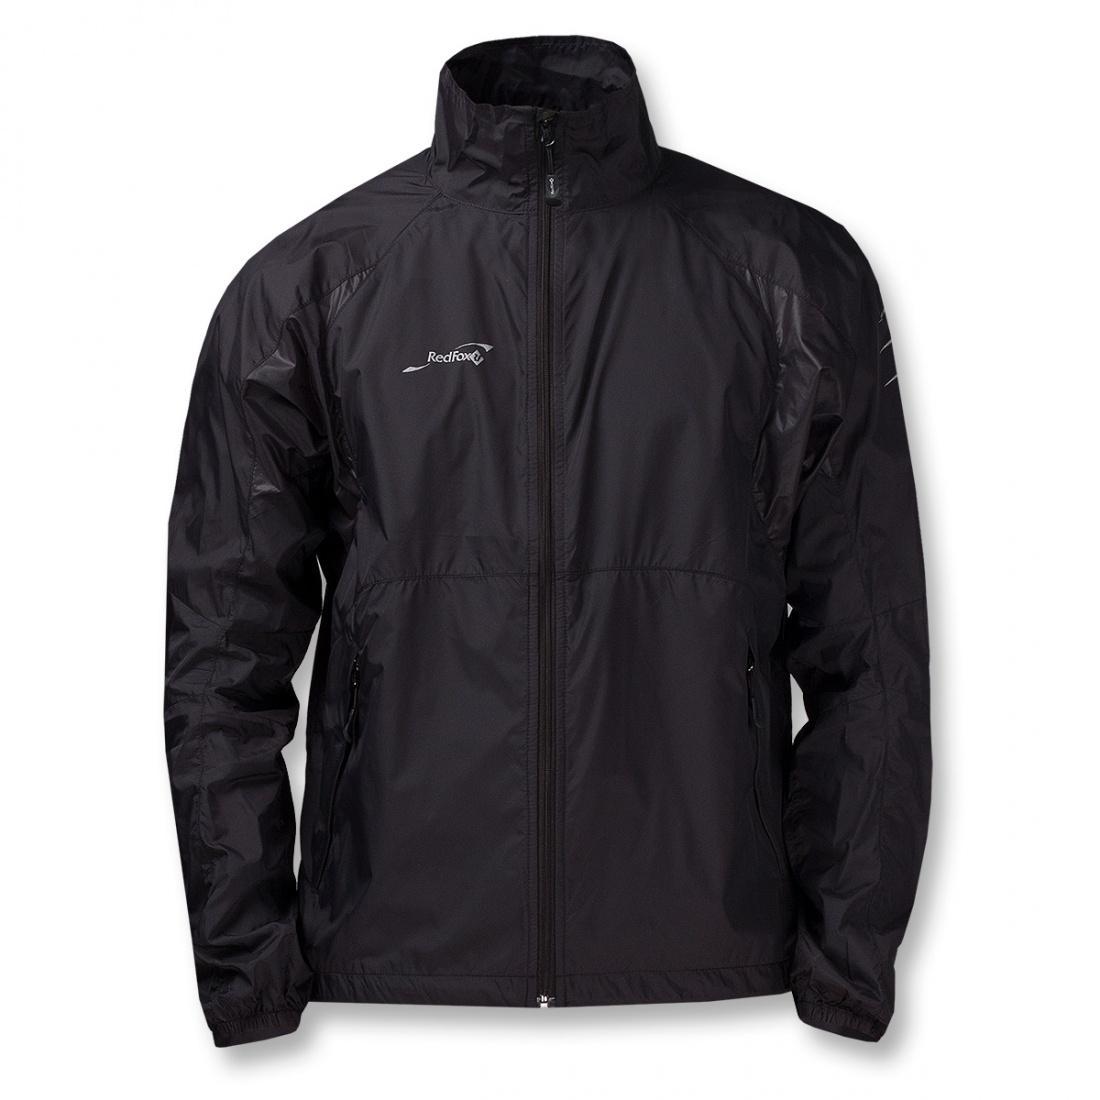 Куртка ветрозащитная Trek Light IIКуртки<br><br> Очень легкая куртка для мультиспортсменов. Отлично сочетает в себе функции защиты от ветра и максимальной свободы движений. Куртку мож...<br><br>Цвет: Черный<br>Размер: 52